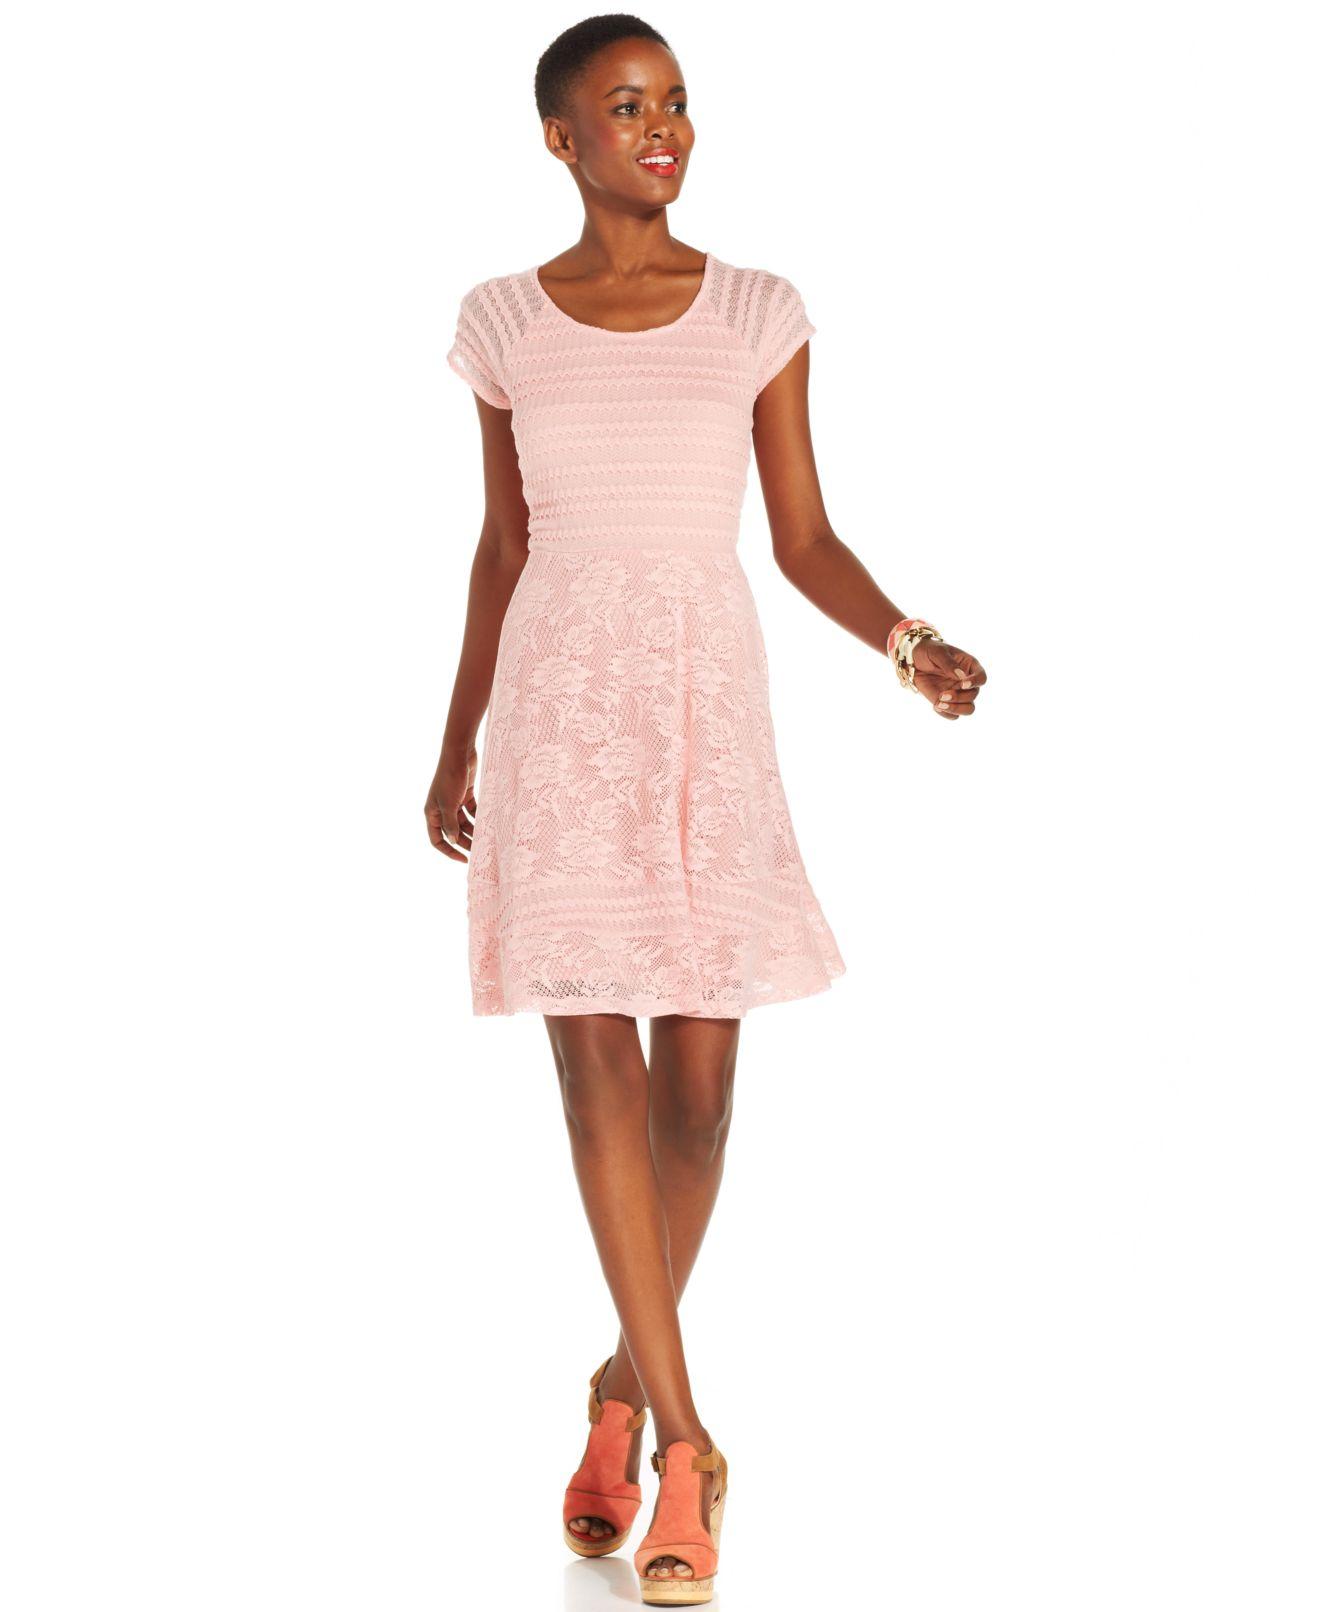 Maxi Dresses Petite Sizes